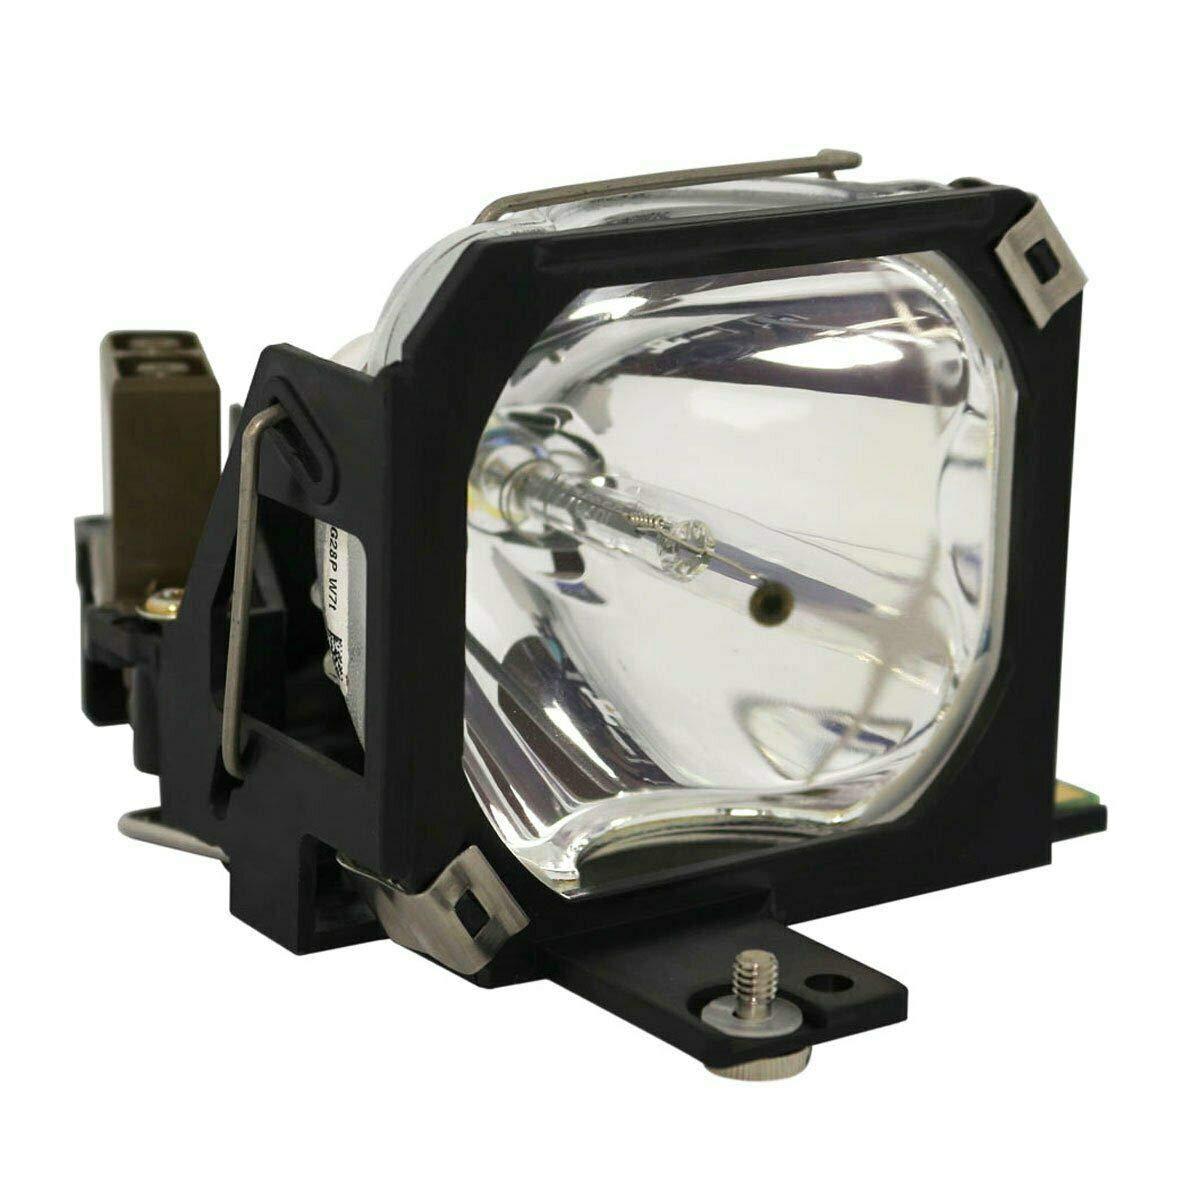 CTLAMP SP-LAMP-LP7P 交換用ランプ ハウジング付き Infocus LP750に対応   B07Q6JJWZW